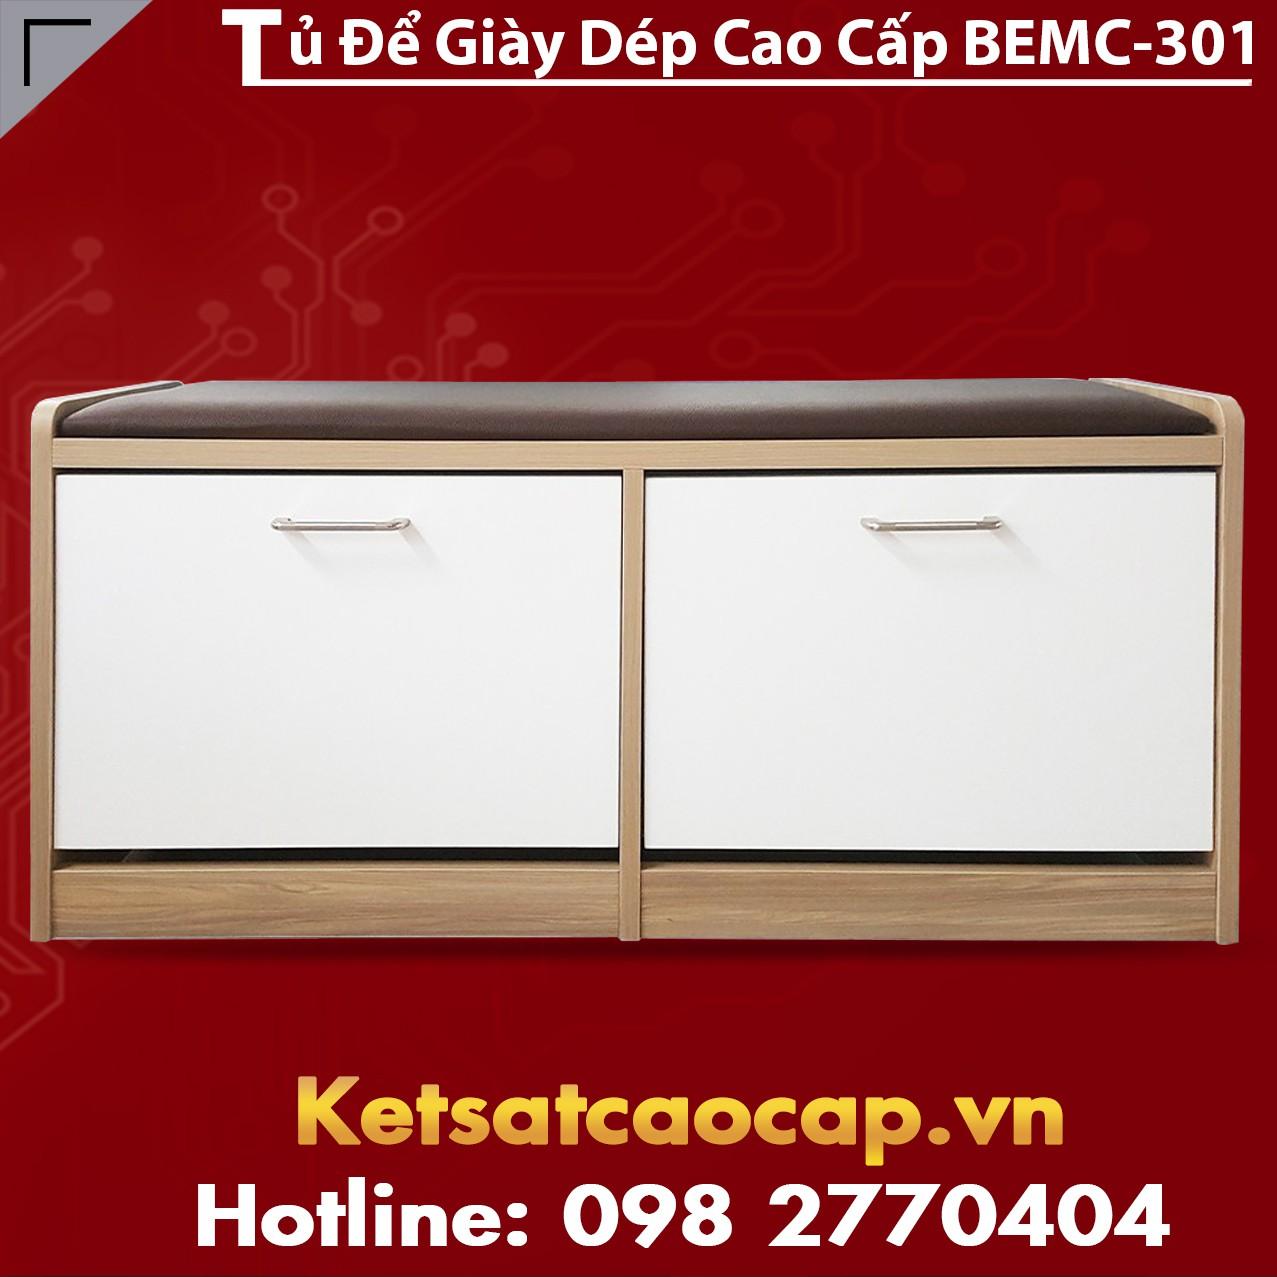 Tủ Để Giày Dép Cao Cấp BEMC-301